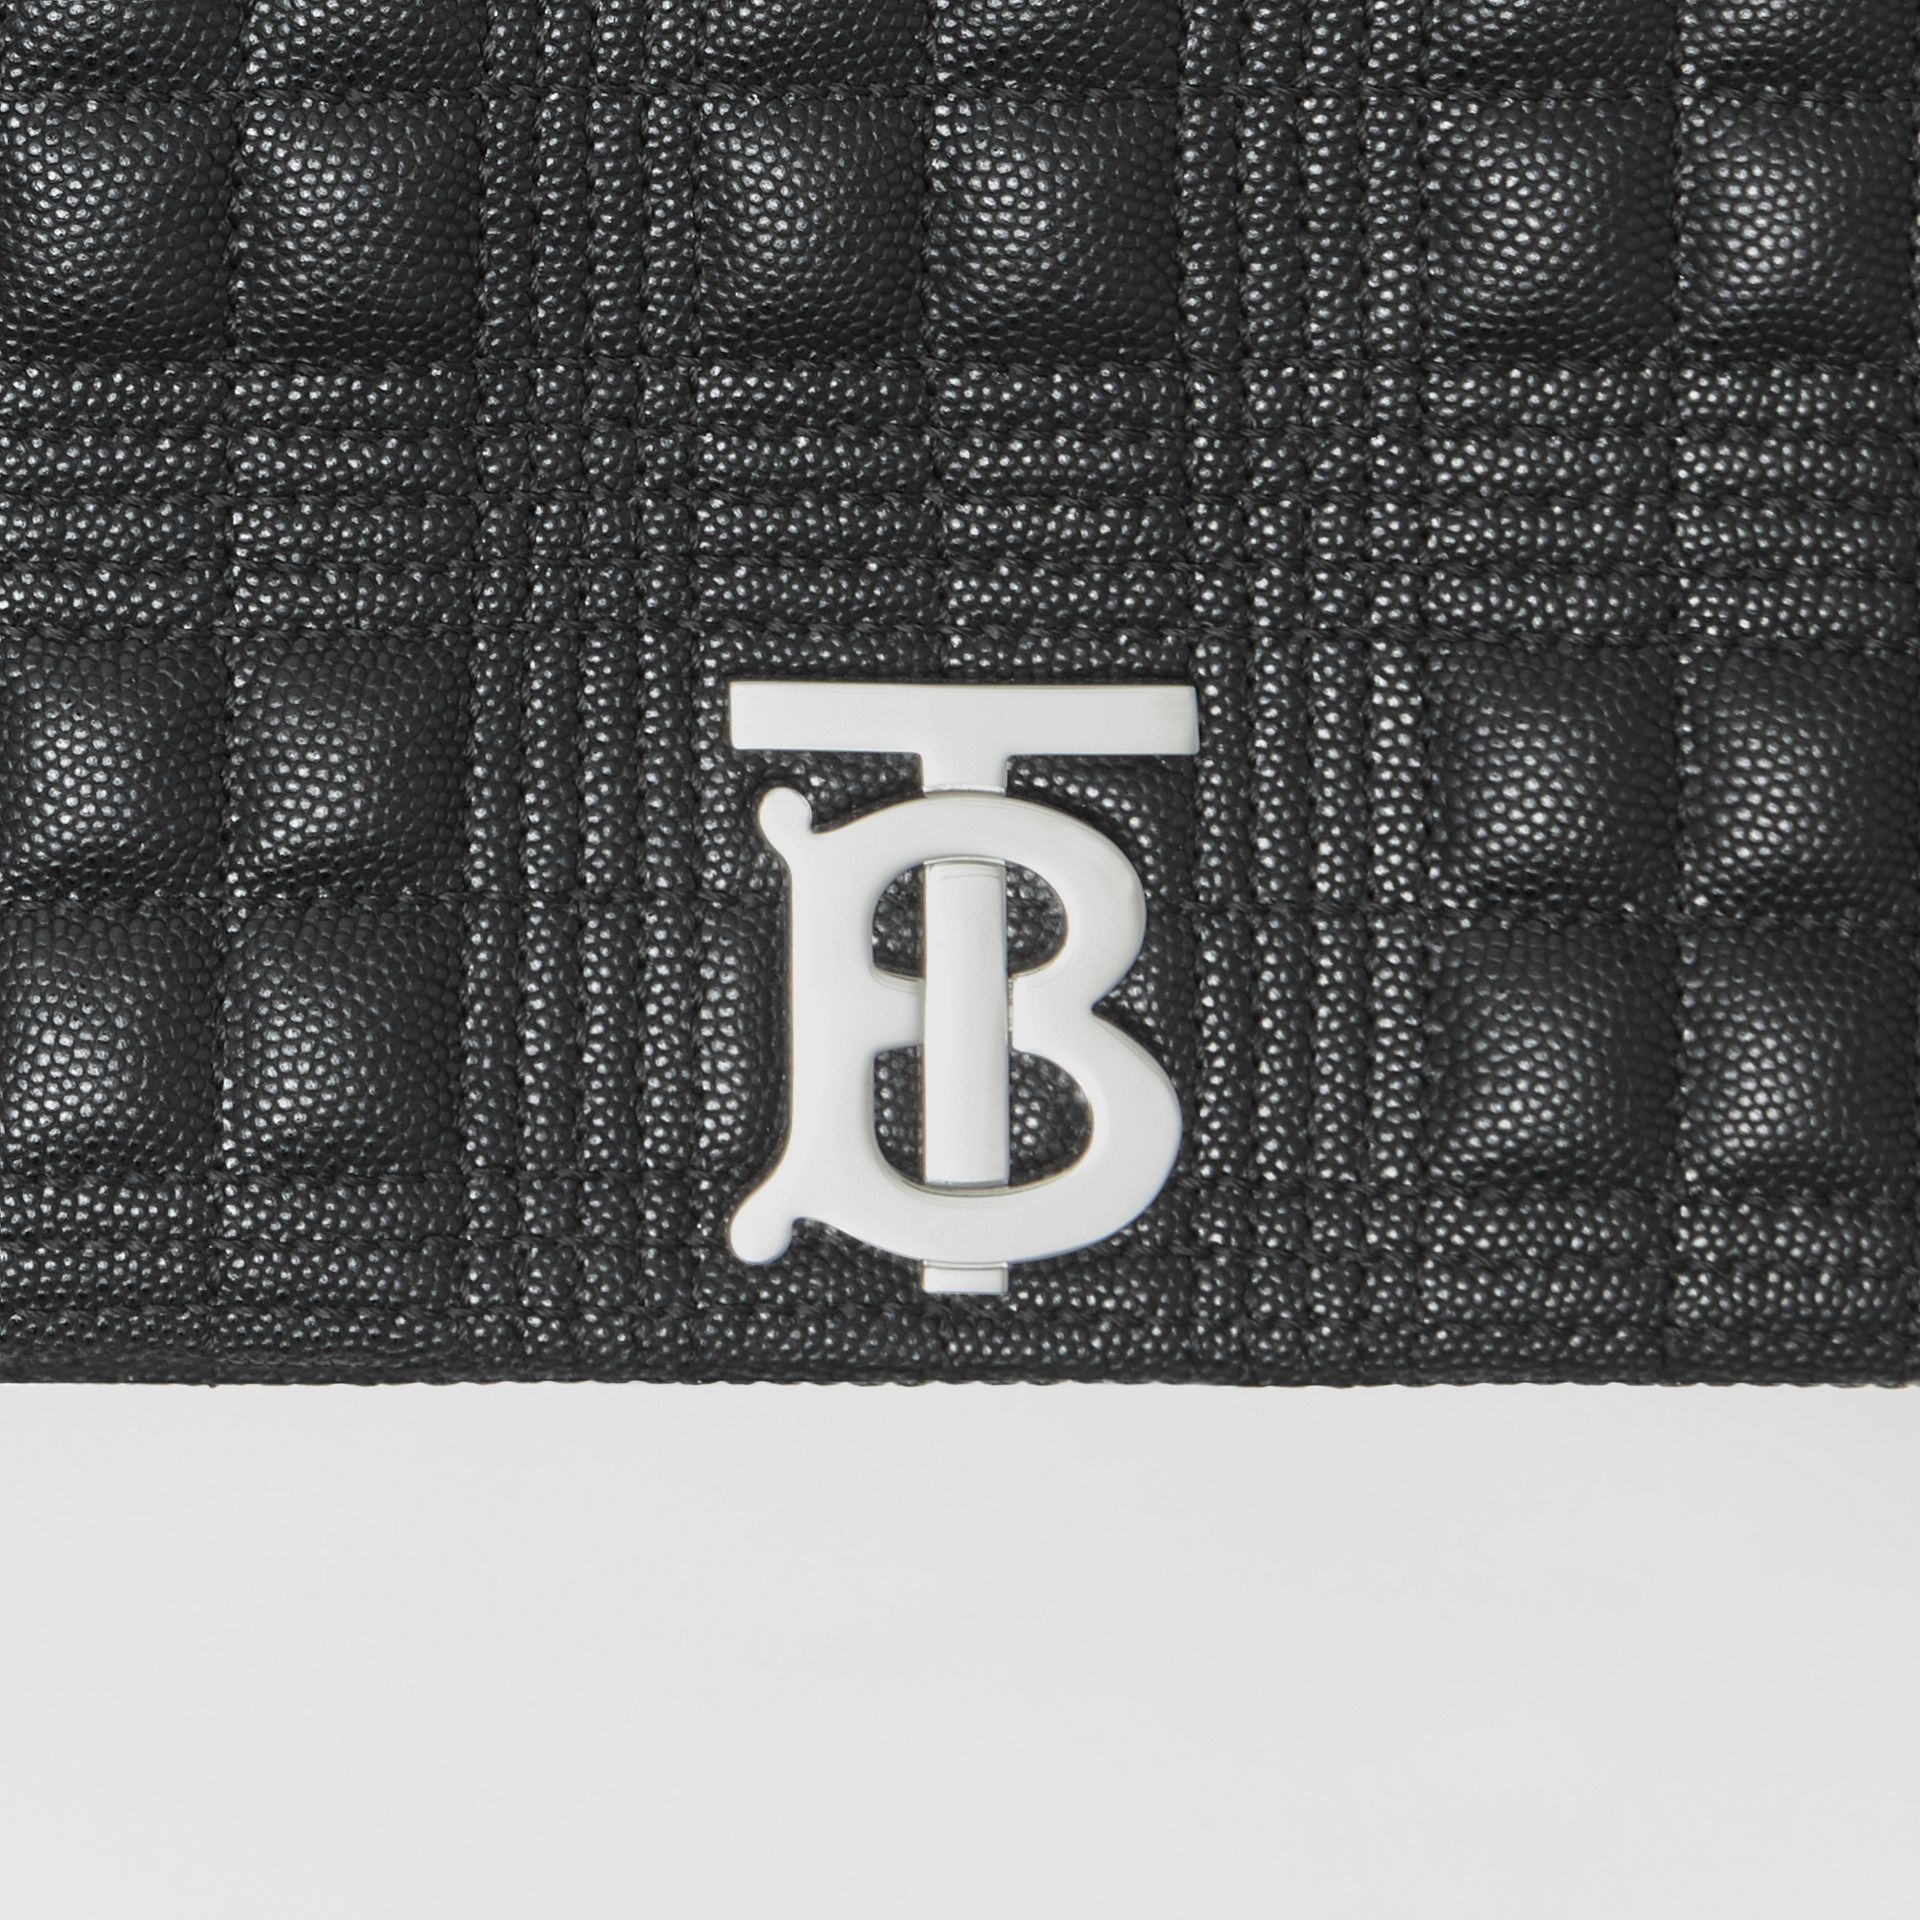 Сумка Lola из стеганой зернистой кожи, компактный размер (Черный) | Burberry - изображение 1